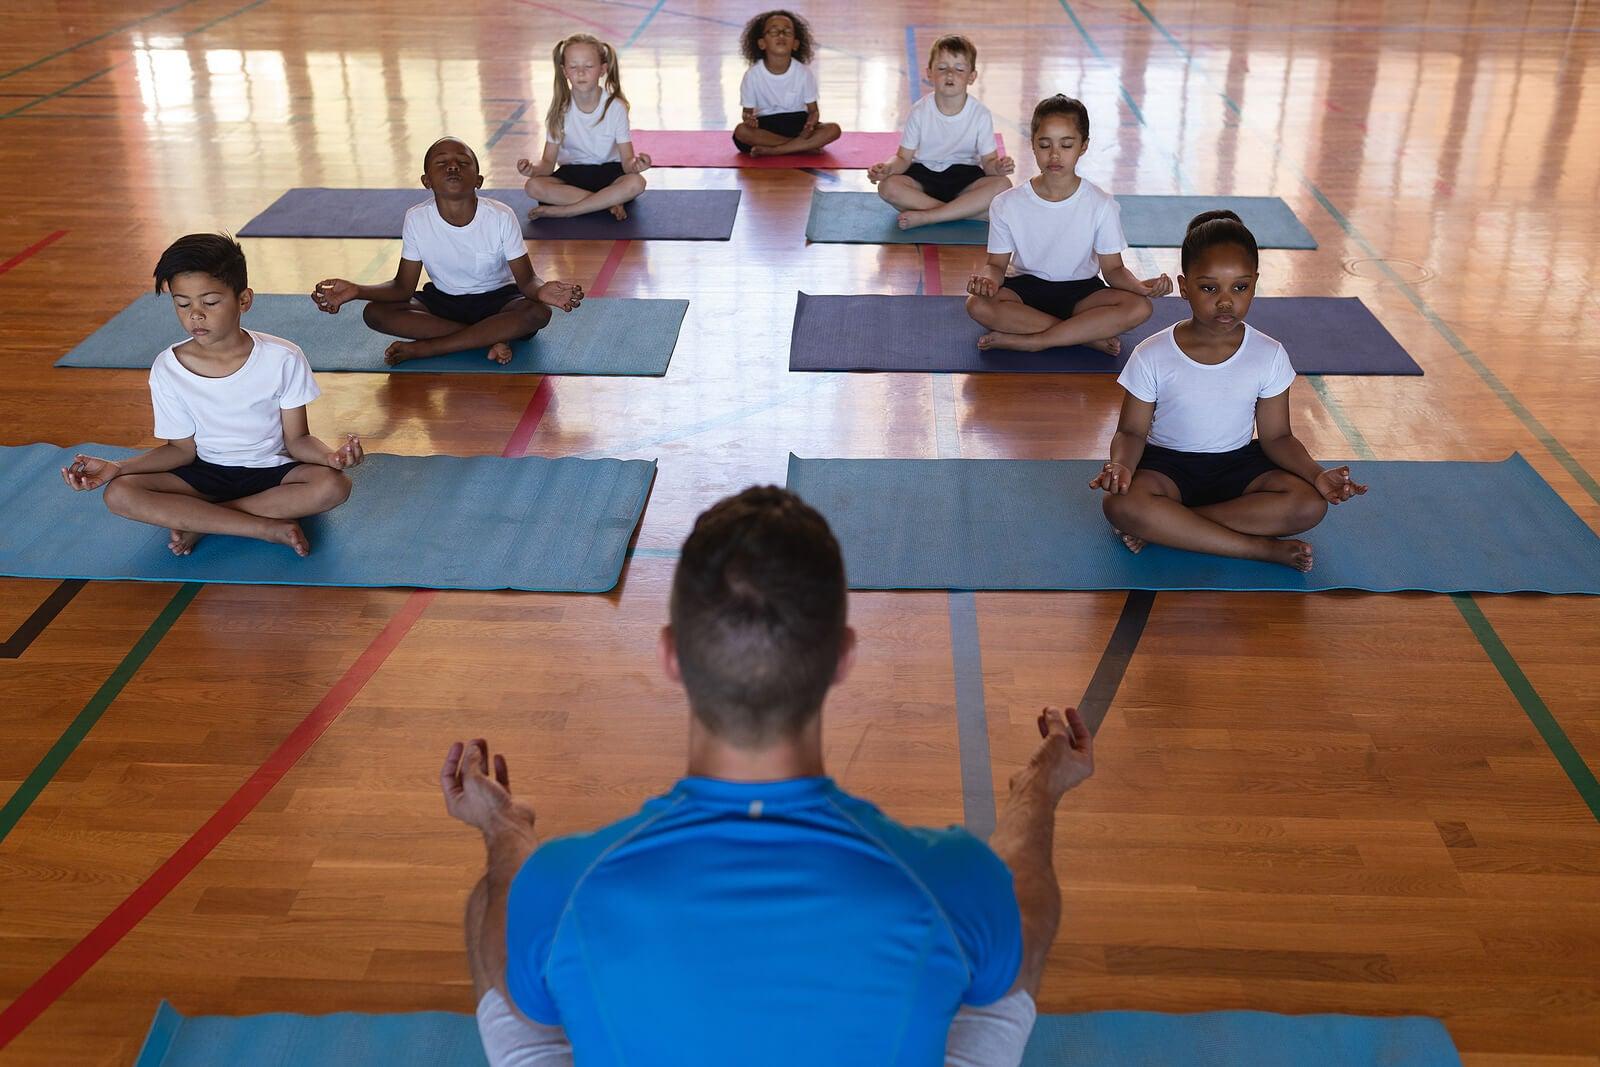 Profesor con sus alumnos haciendo yoga en el aula.